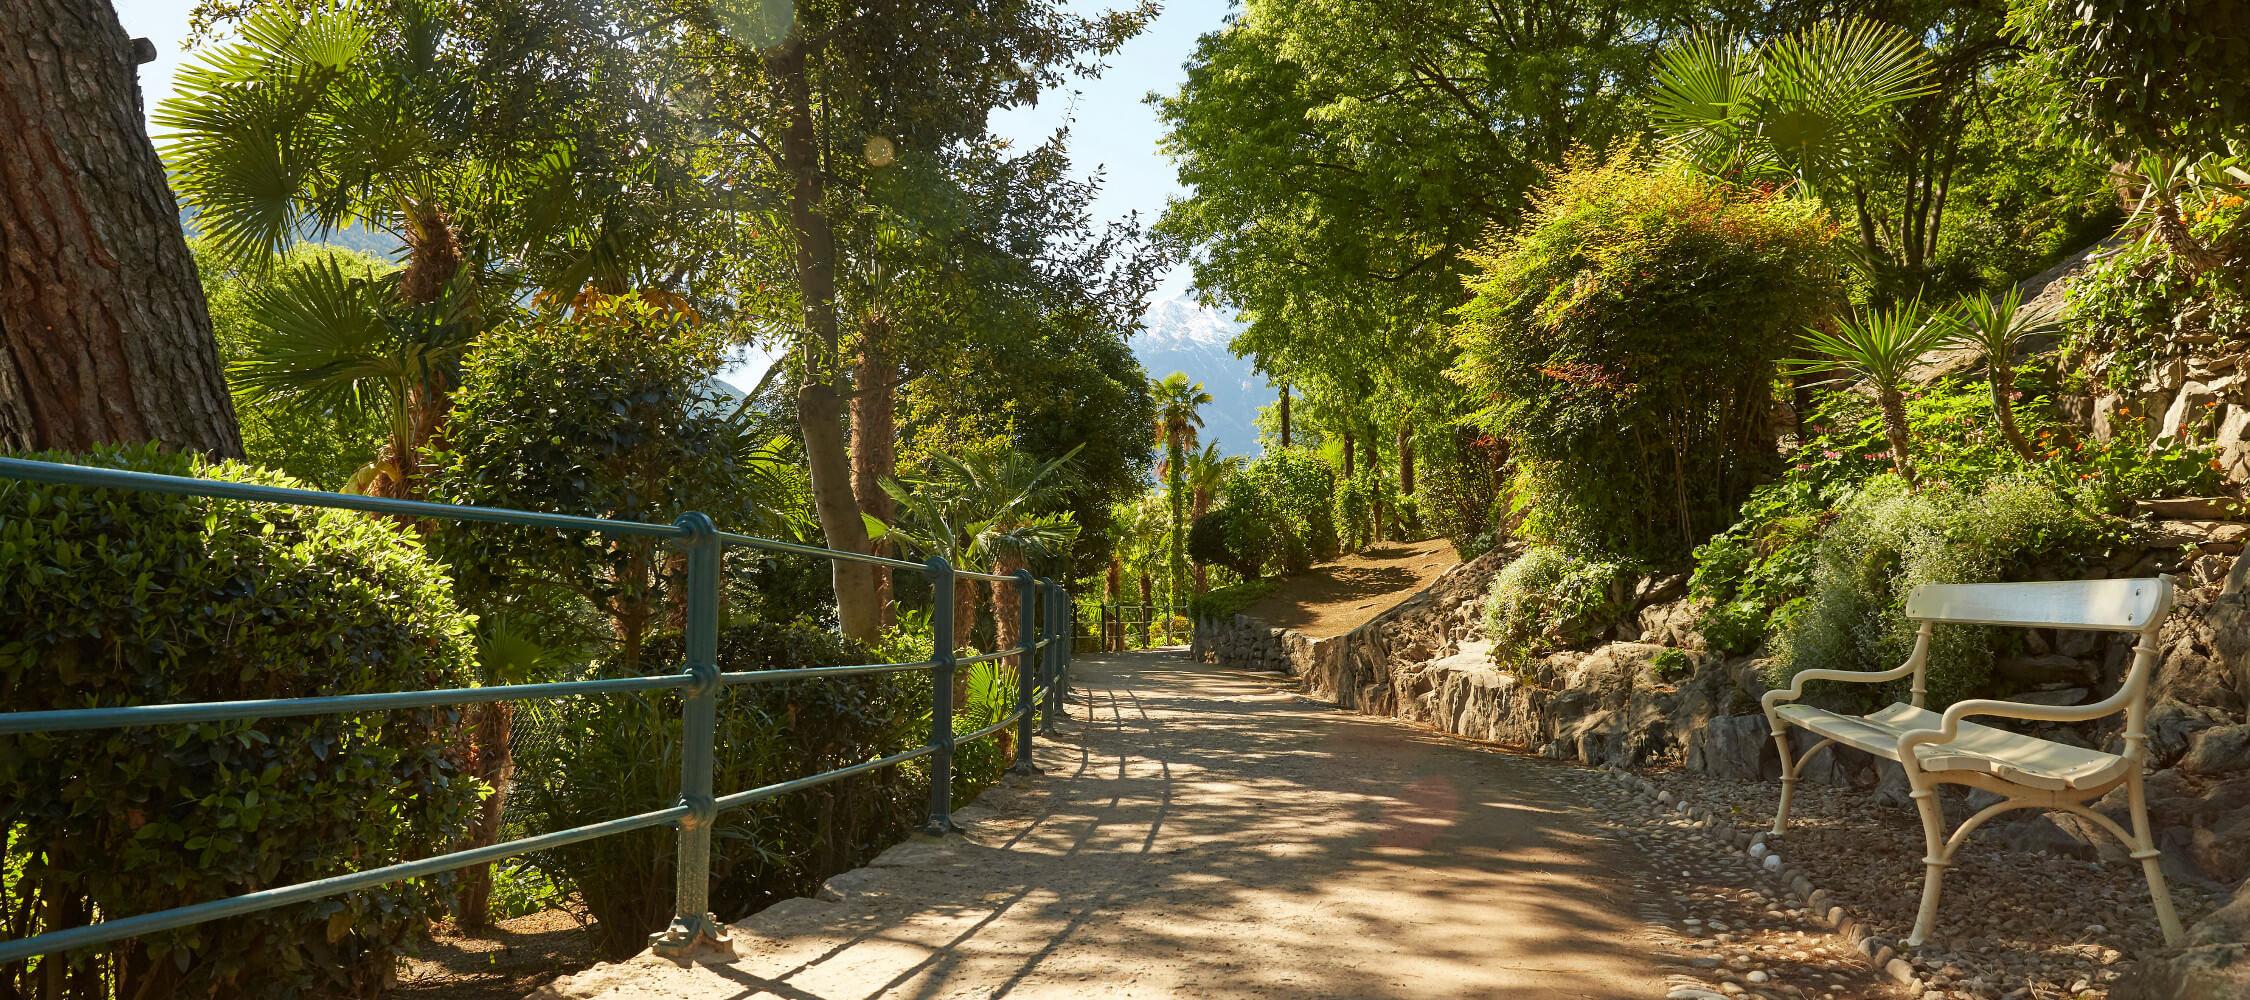 Italien-Trentino_Suedtirol_Alto_Adige_Merano_Meran_Natur_Sommer_Tappeinerweg_Promenade_MGM-Stefan-Schuetz_mgm00991mgm_2250x1000